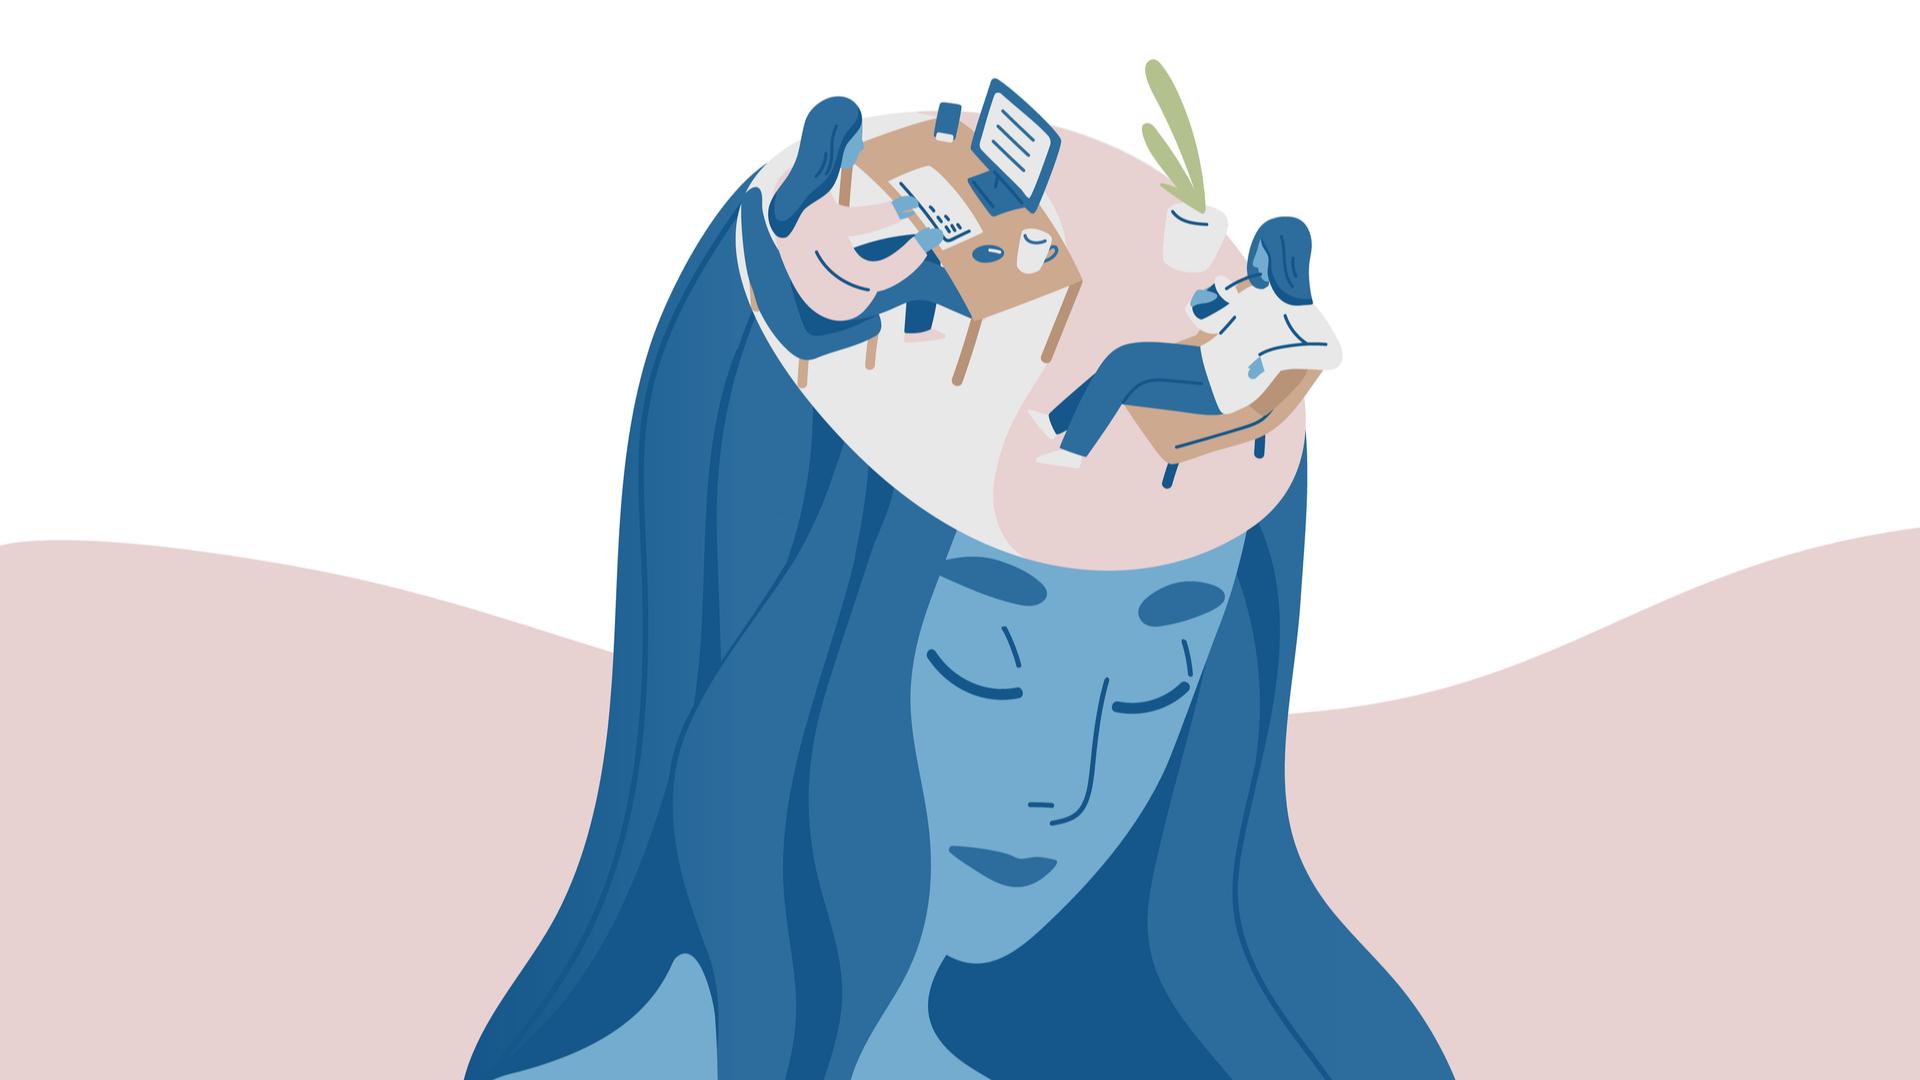 【オンオフの切り替えが出世を左右する理由】テレワークが苦痛な人がストレスを軽減し快適にお仕事するためのポイント